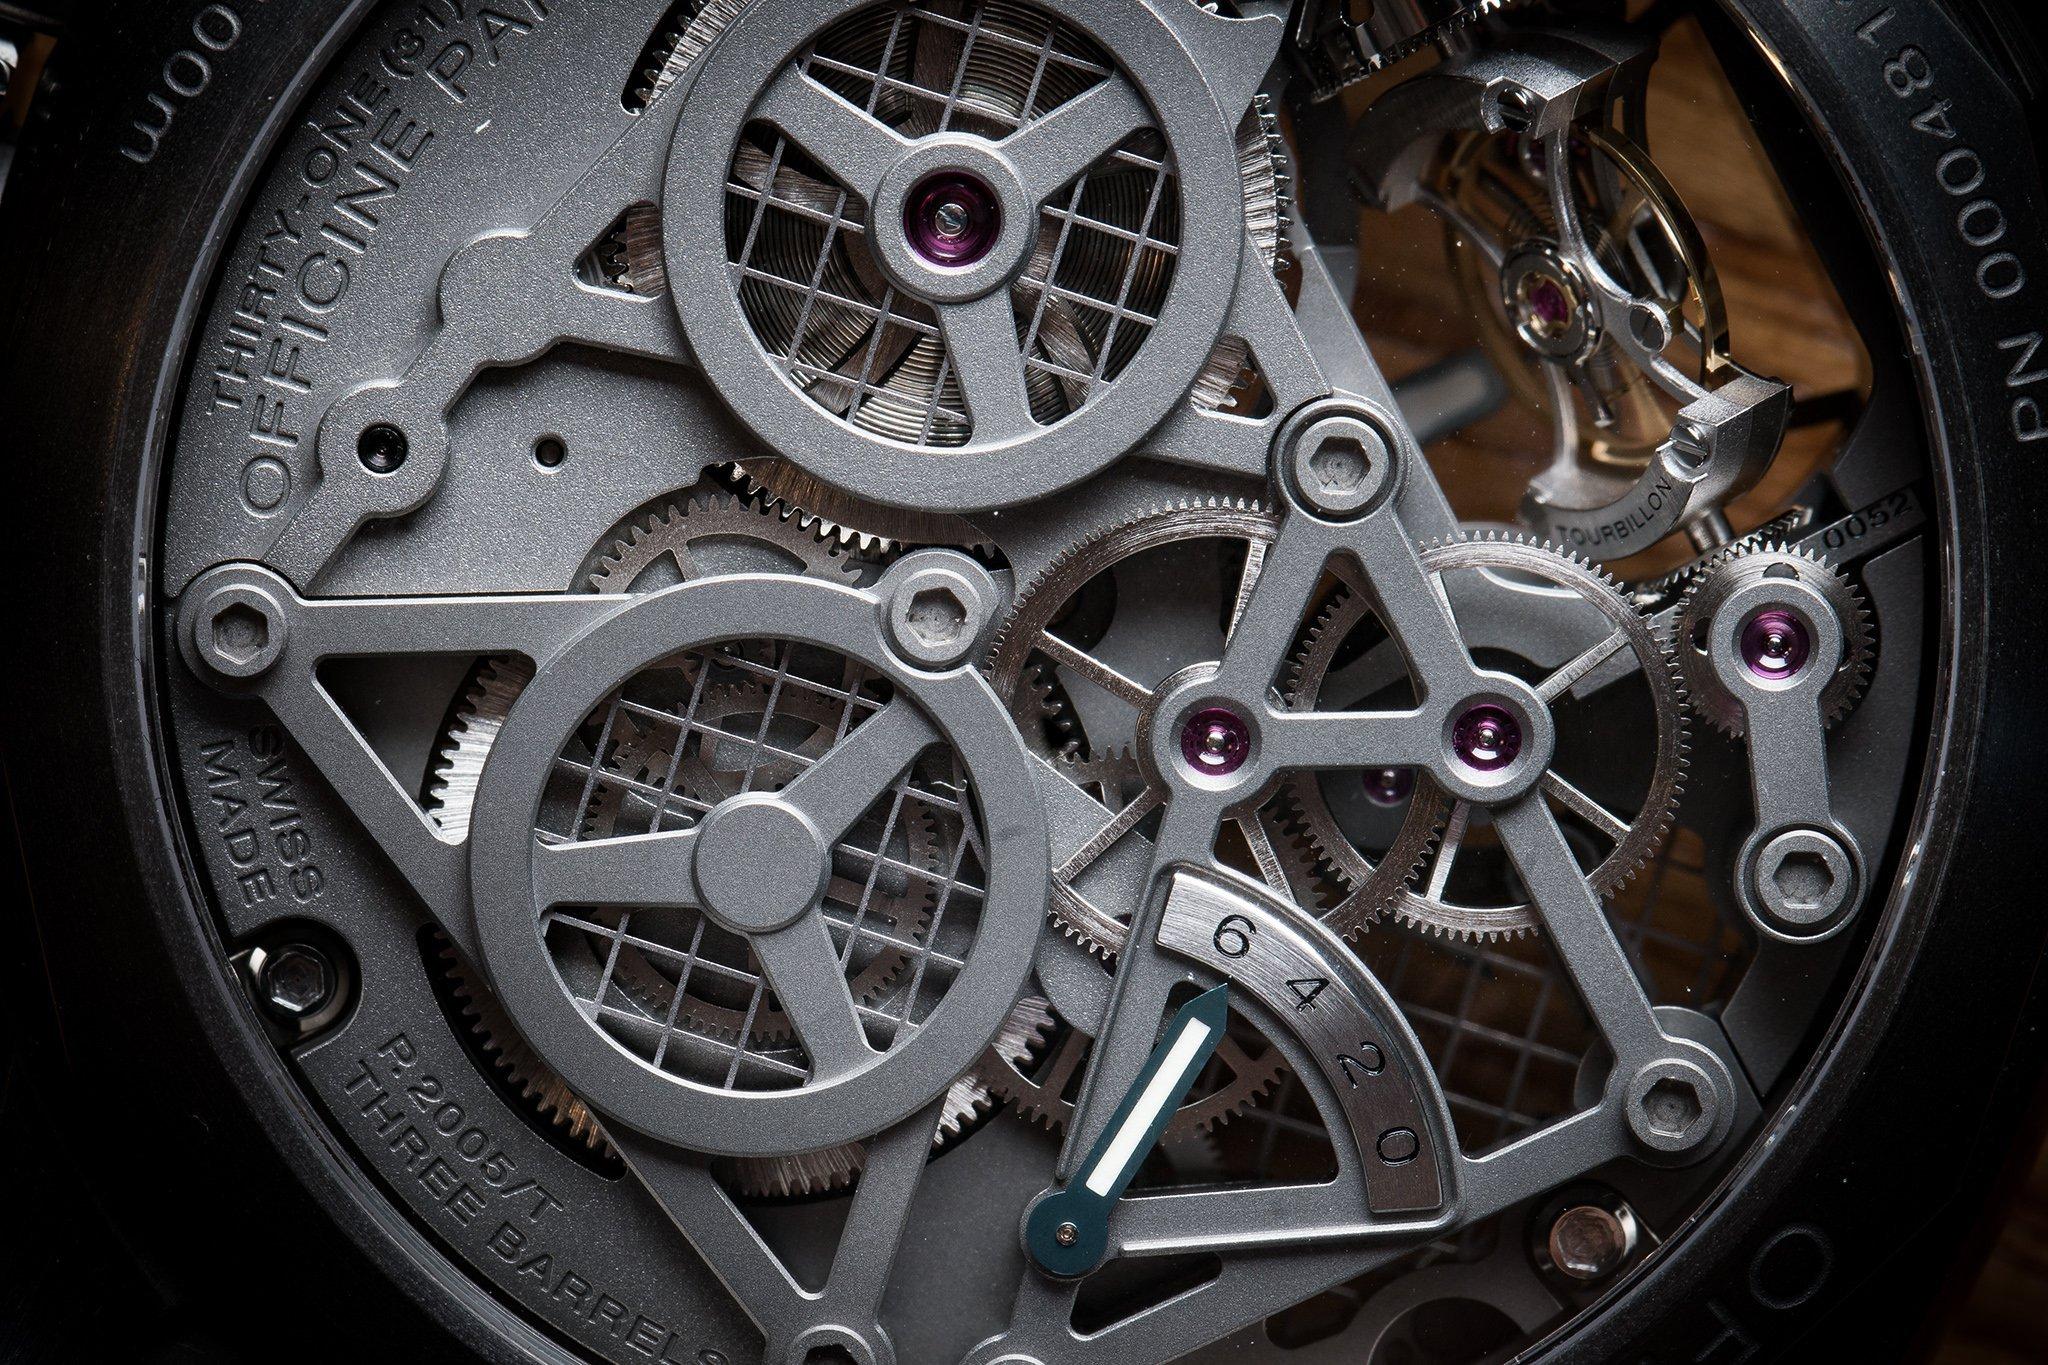 Regresa la moda de los relojes que muestran su interior